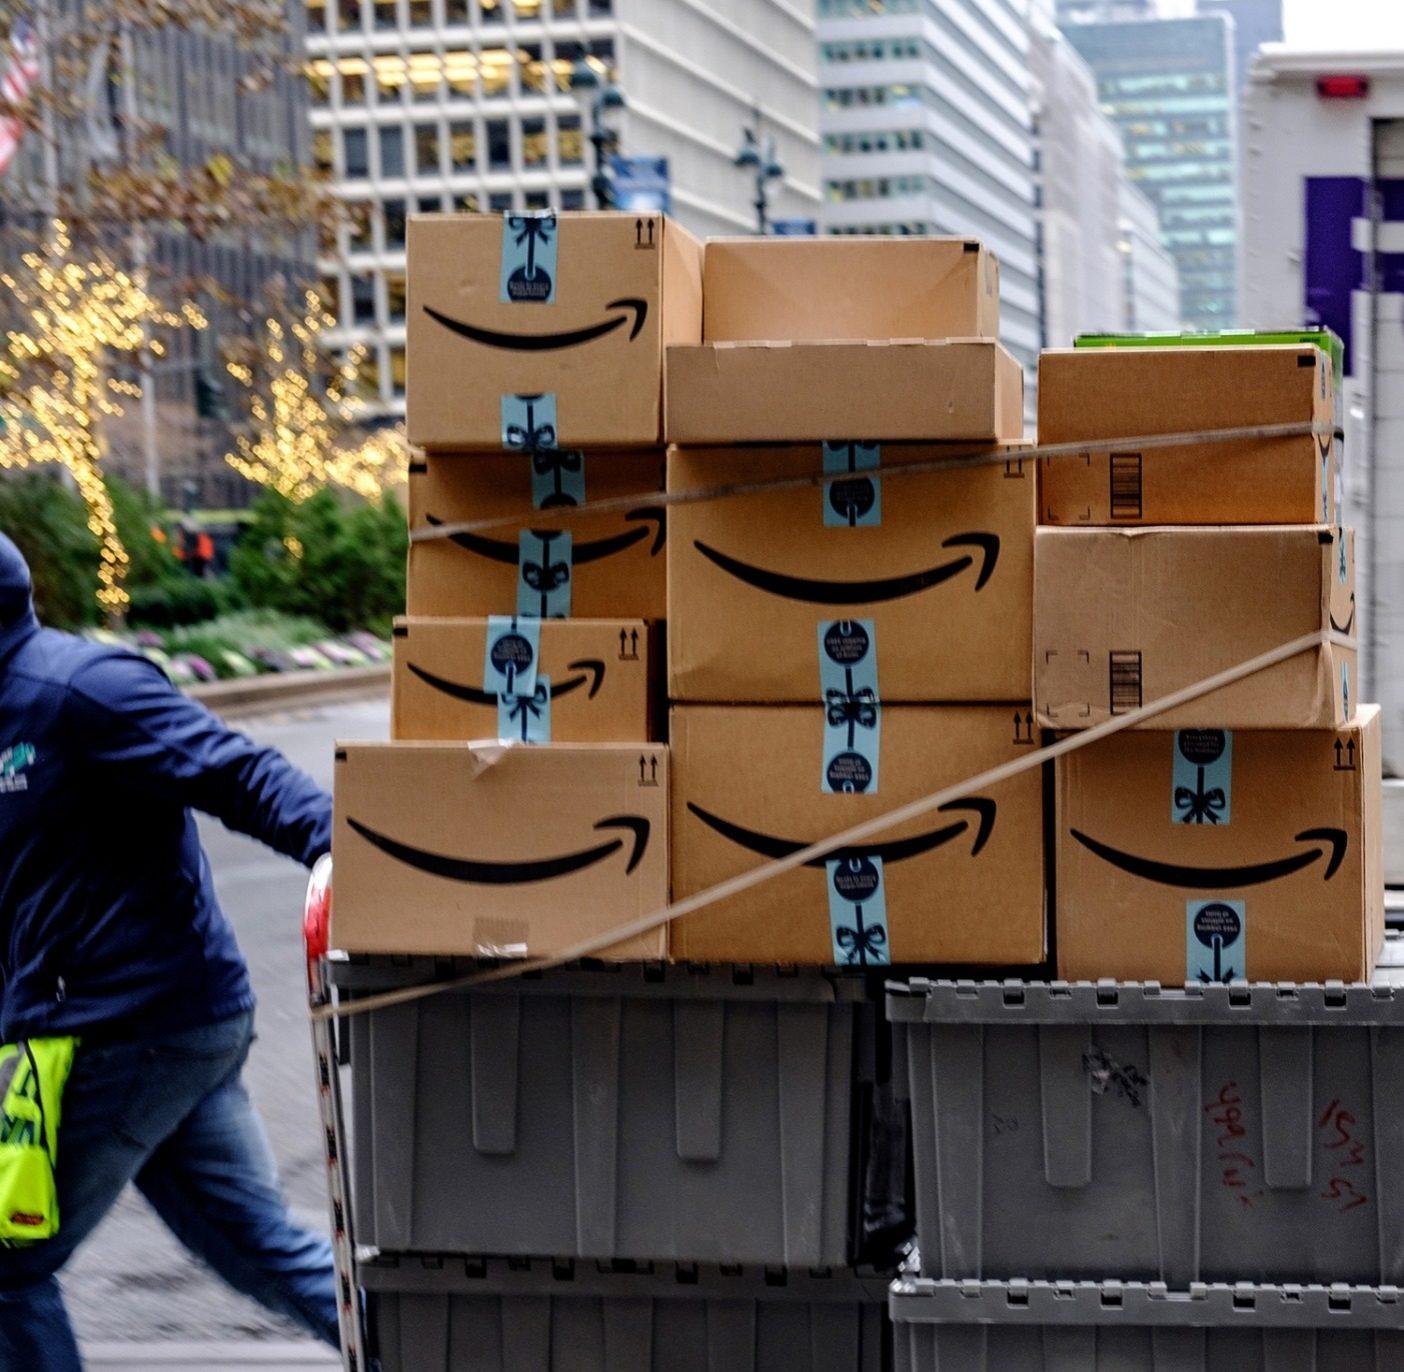 ネットゼロを達成するという目標は最初の一歩に過ぎず、最終的には排出量をオフセットするという方法への依存を減らし、いずれは総排出量自体をゼロにすることを望んでいる。これを実現するには、ビジネスや顧客に、この運動に参加してもらうことが必要となる。ニューヨーク市で小包を運搬する労働者。Photo : Christopher Lee/Getty Images